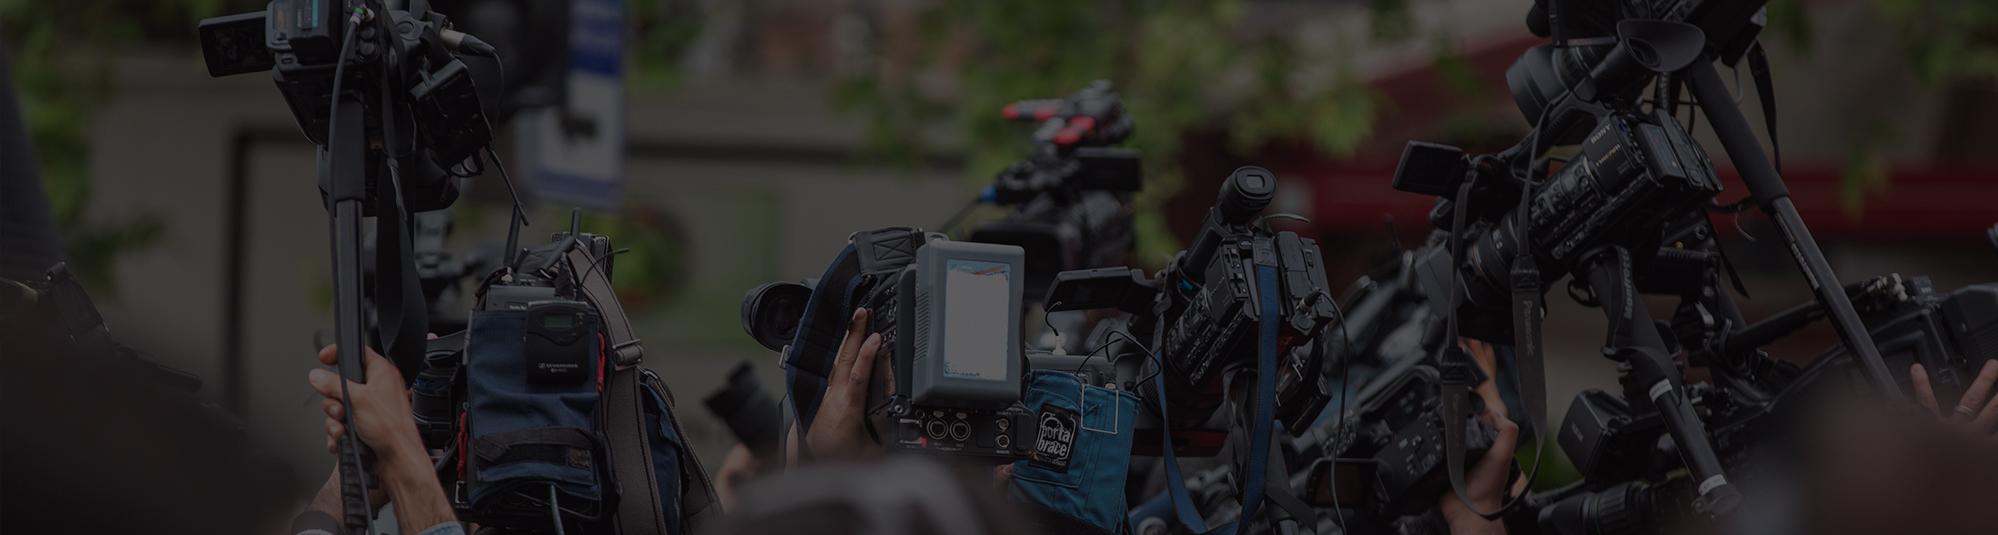 Ландшафт виборів і законодавчі вимоги до медіа у виборчих процесах